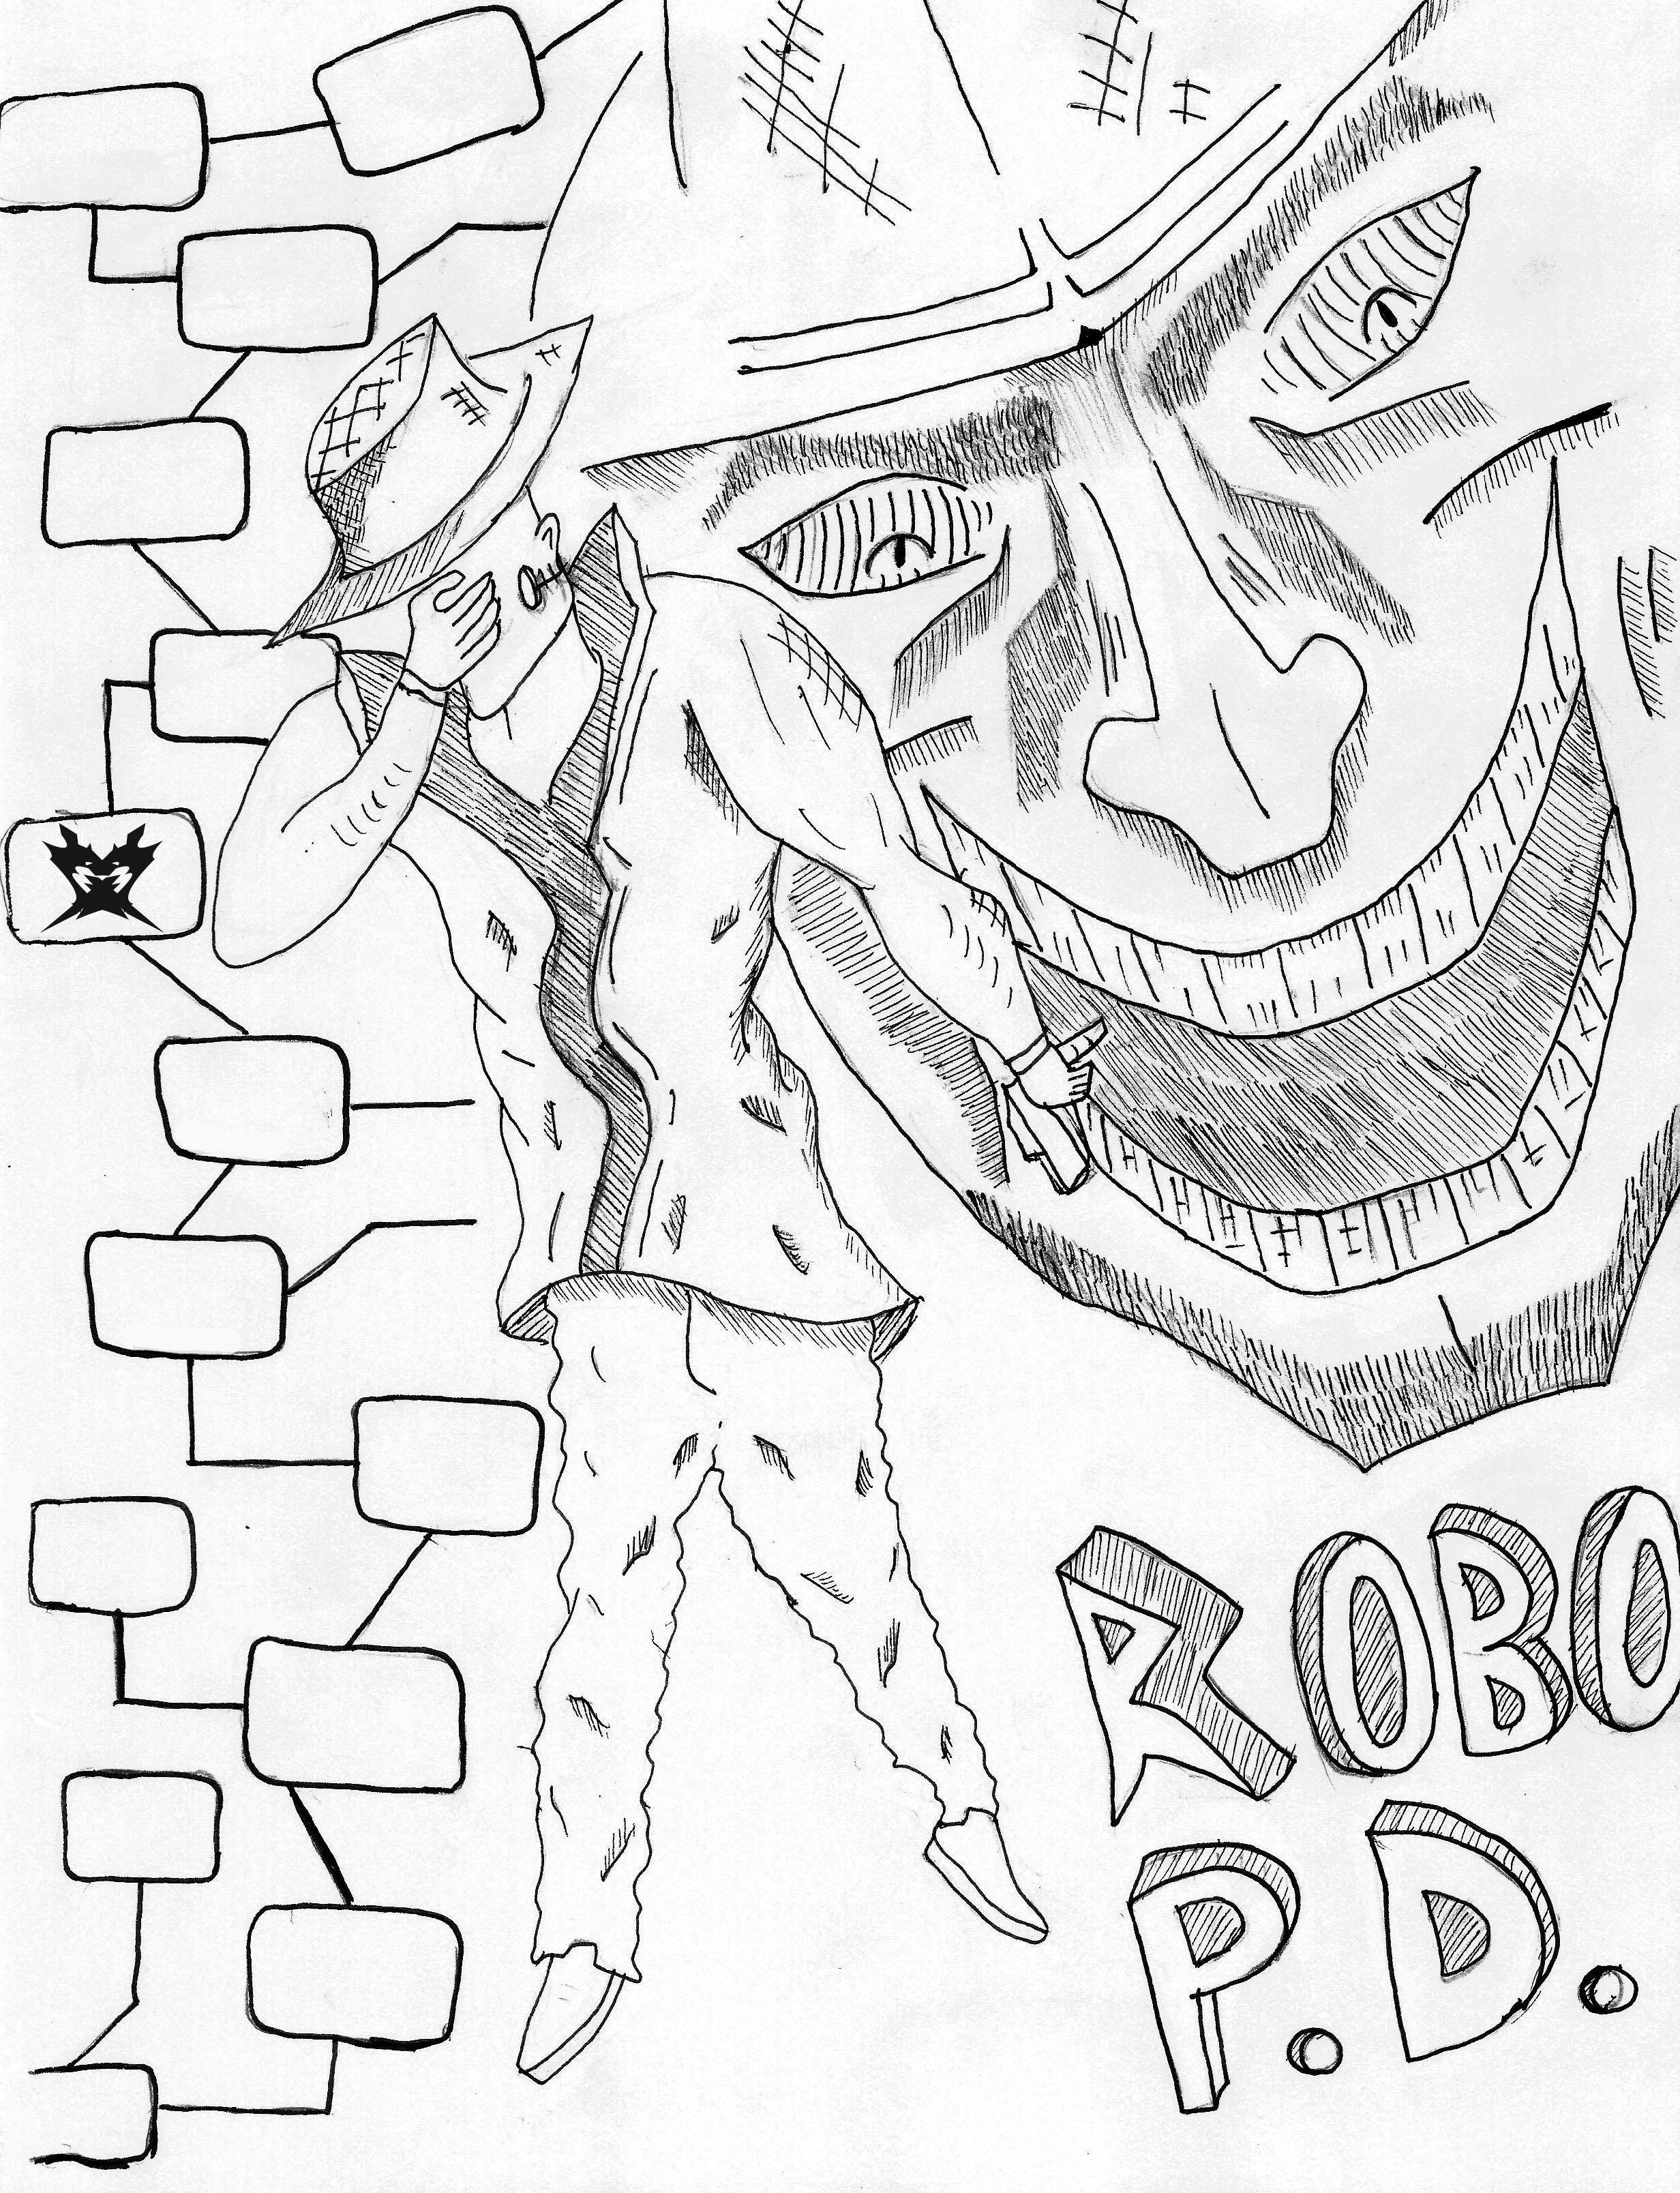 RoboPDCover.jpg